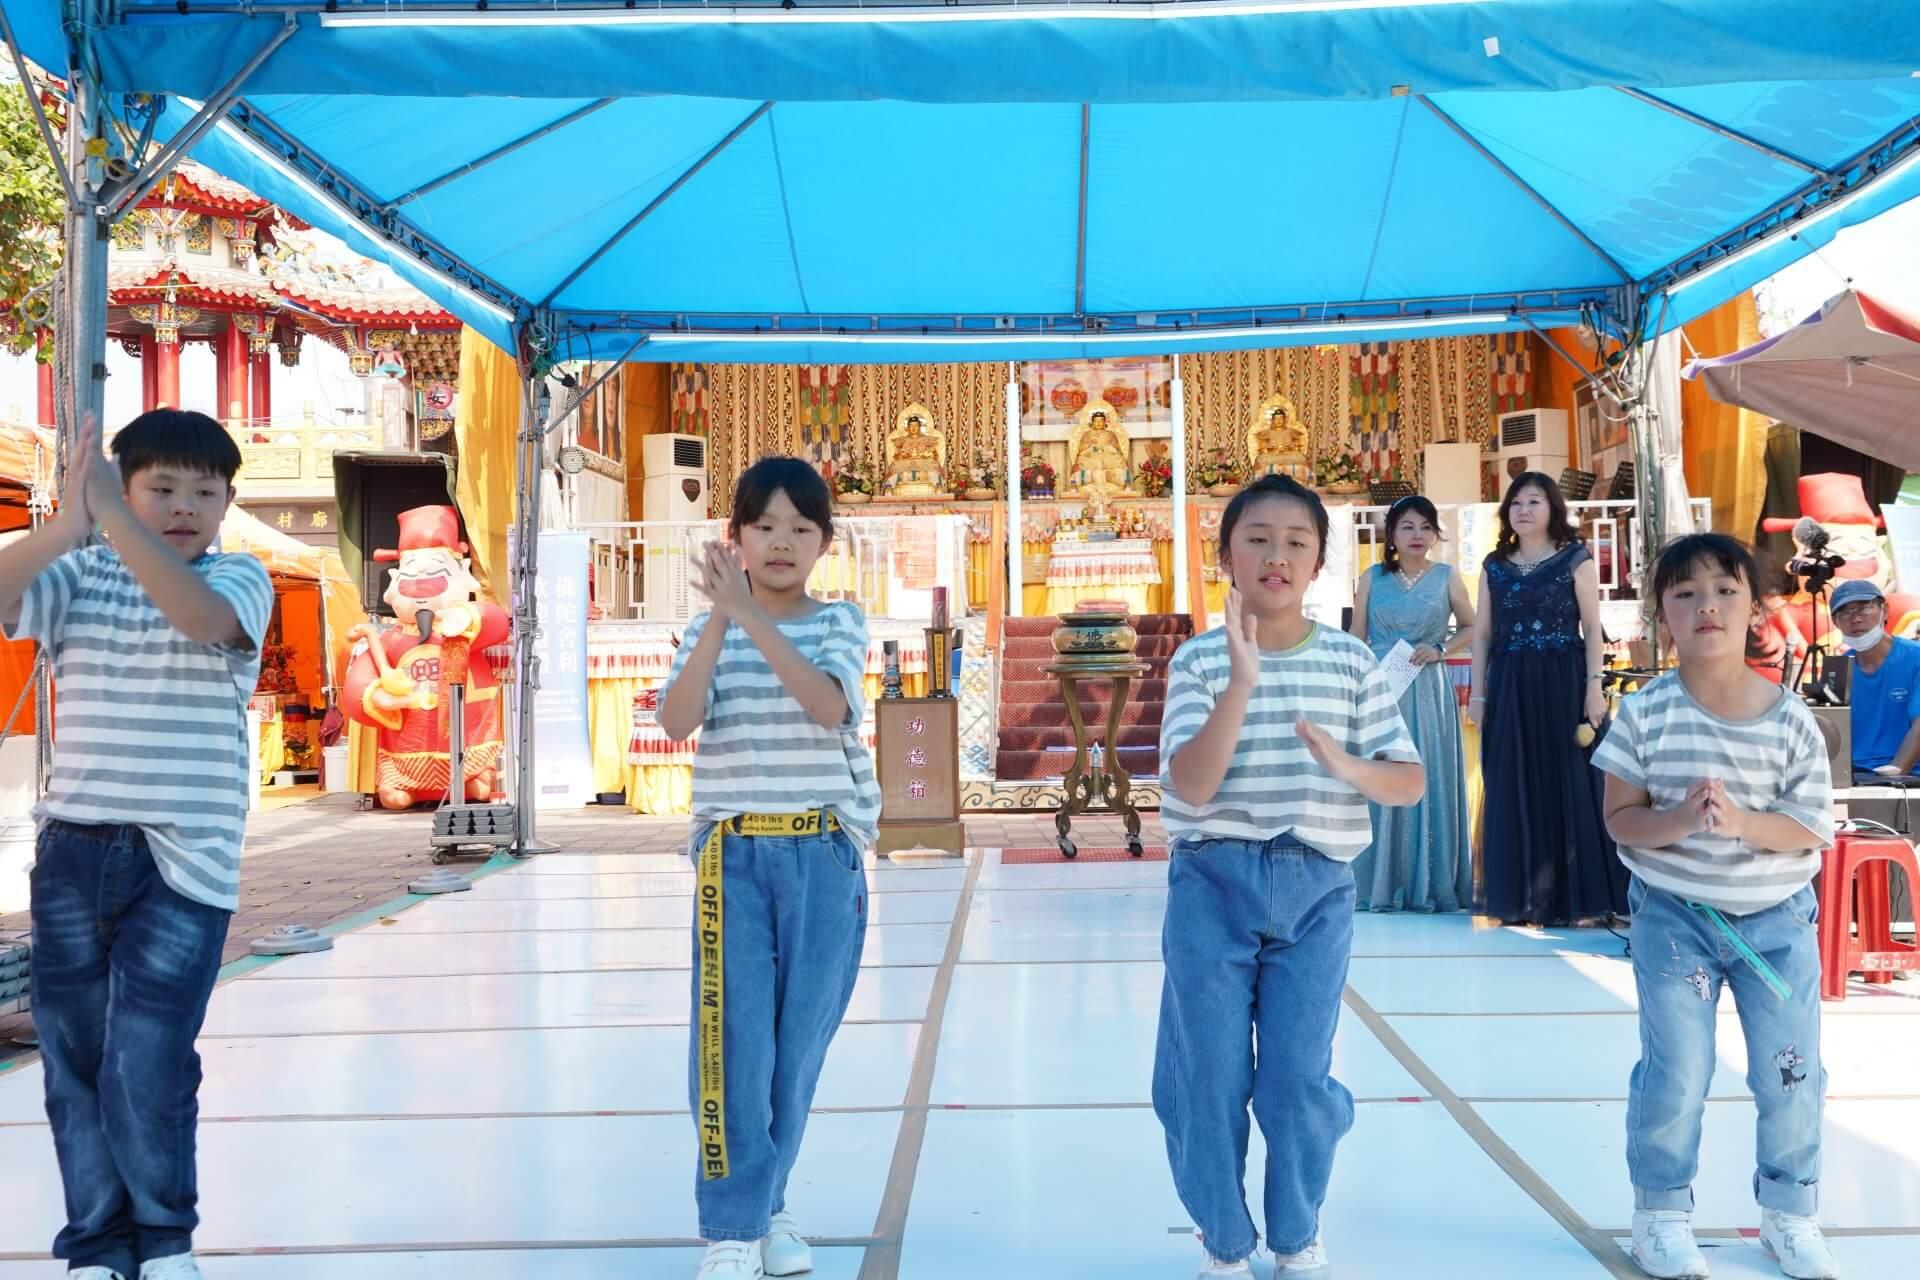 行動佛殿 樂藝供佛 太陽舞蹈運動空間&蘇老師歌唱班